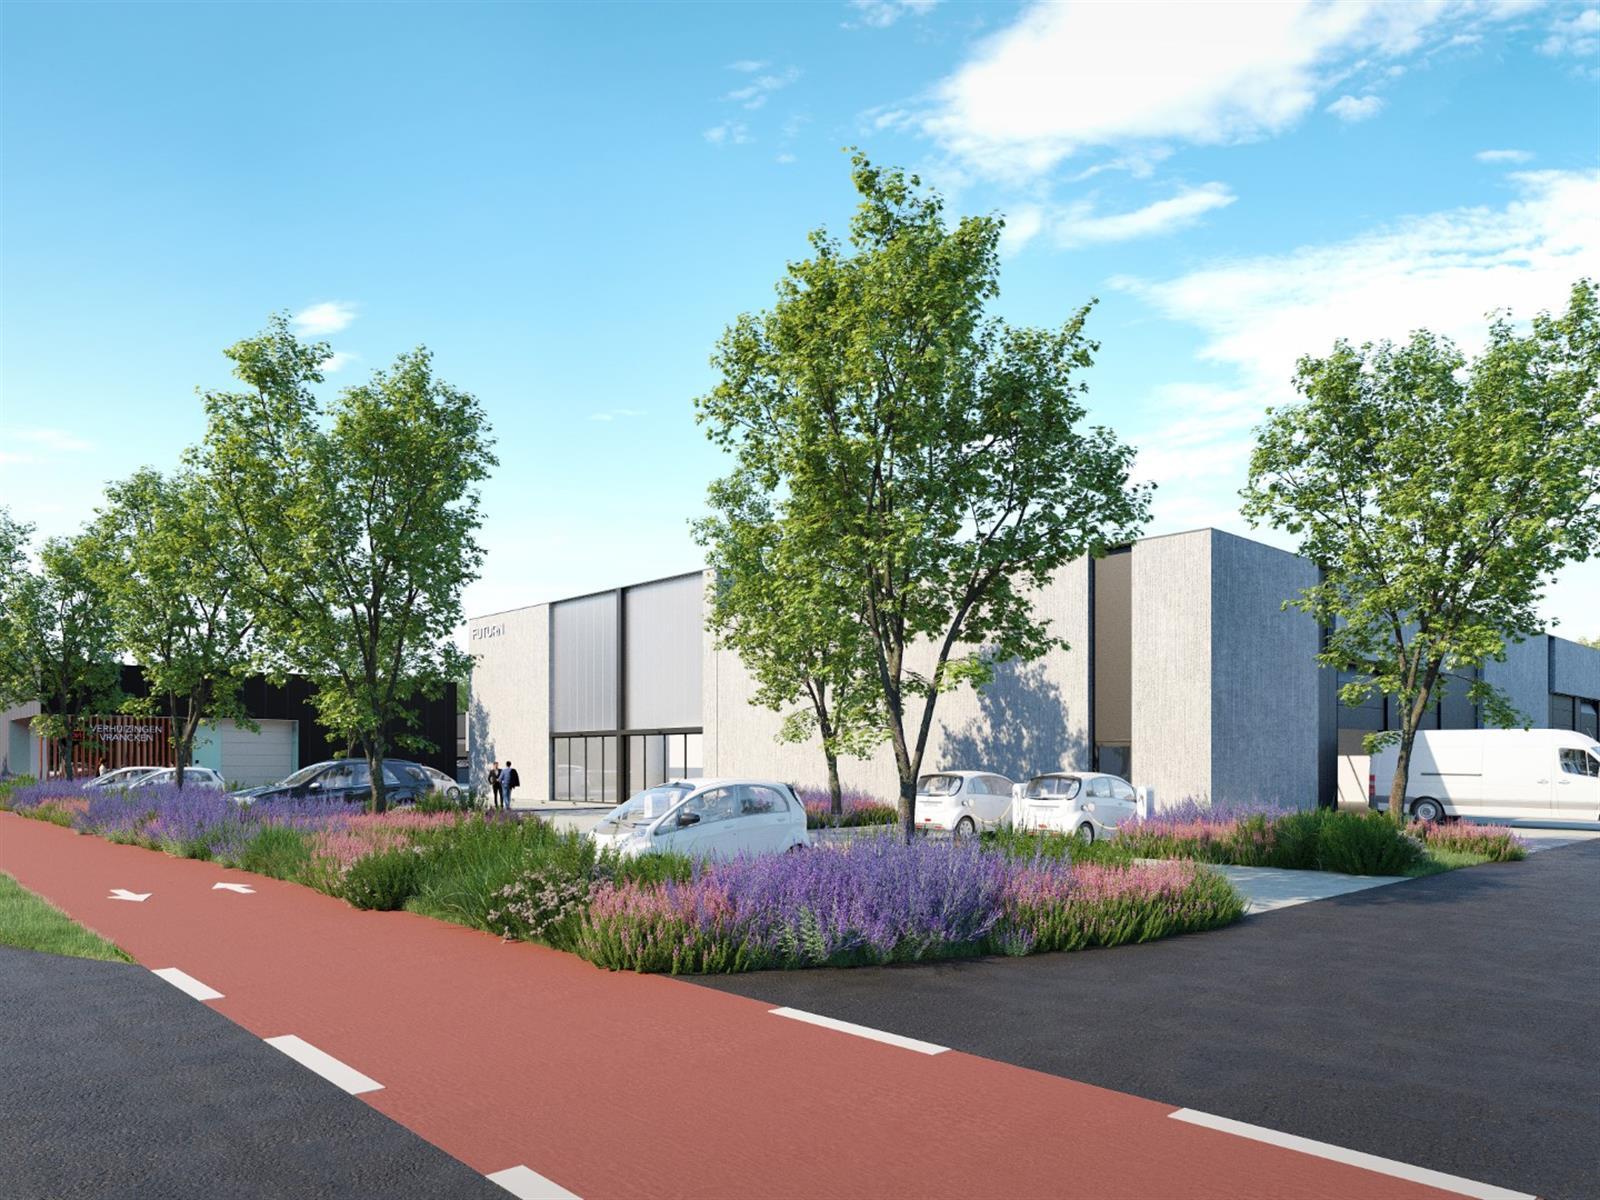 KMO-unit te koop Heros Businesspark KMO Unit 8 - Herkenrodesingel 10, 3500 Hasselt, België 6